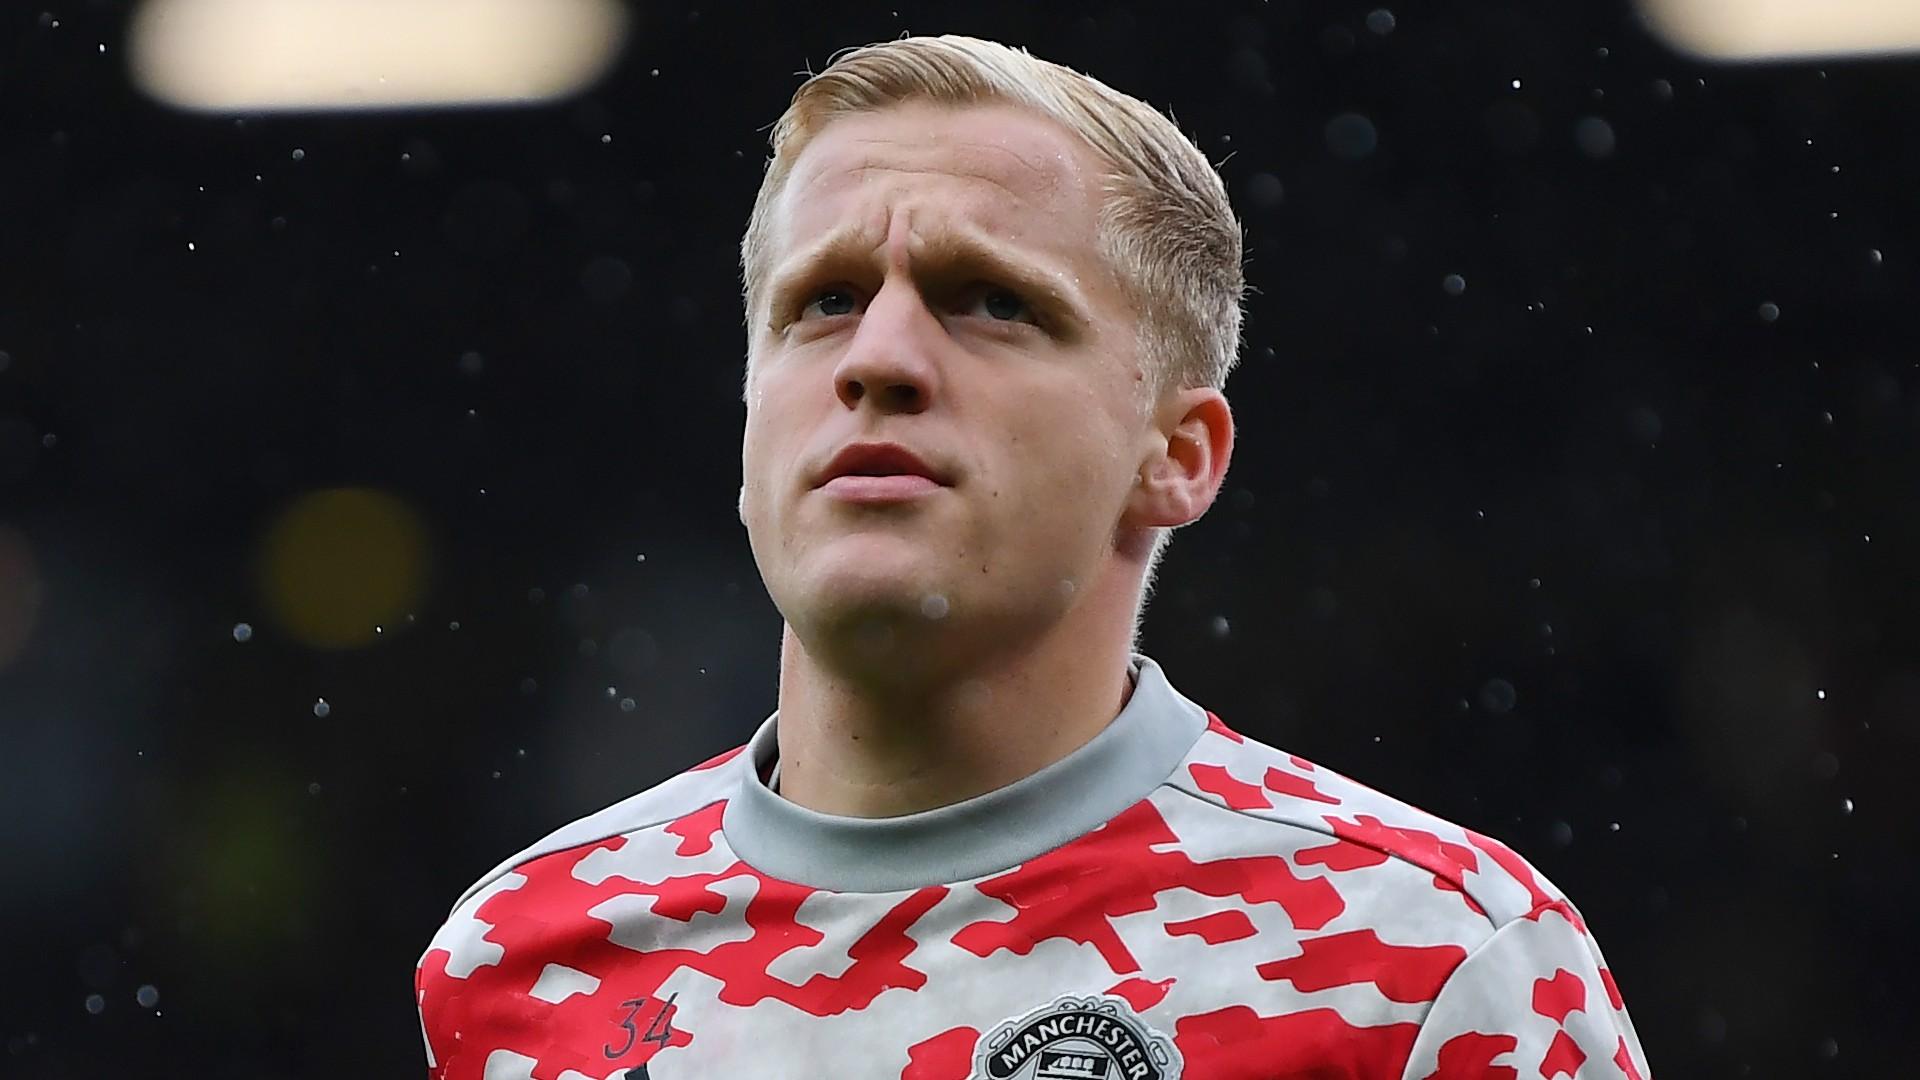 Solskjaer accused of 'blatantly lying' to Van de Beek as former Man Utd midfielder Ince urges January transfer